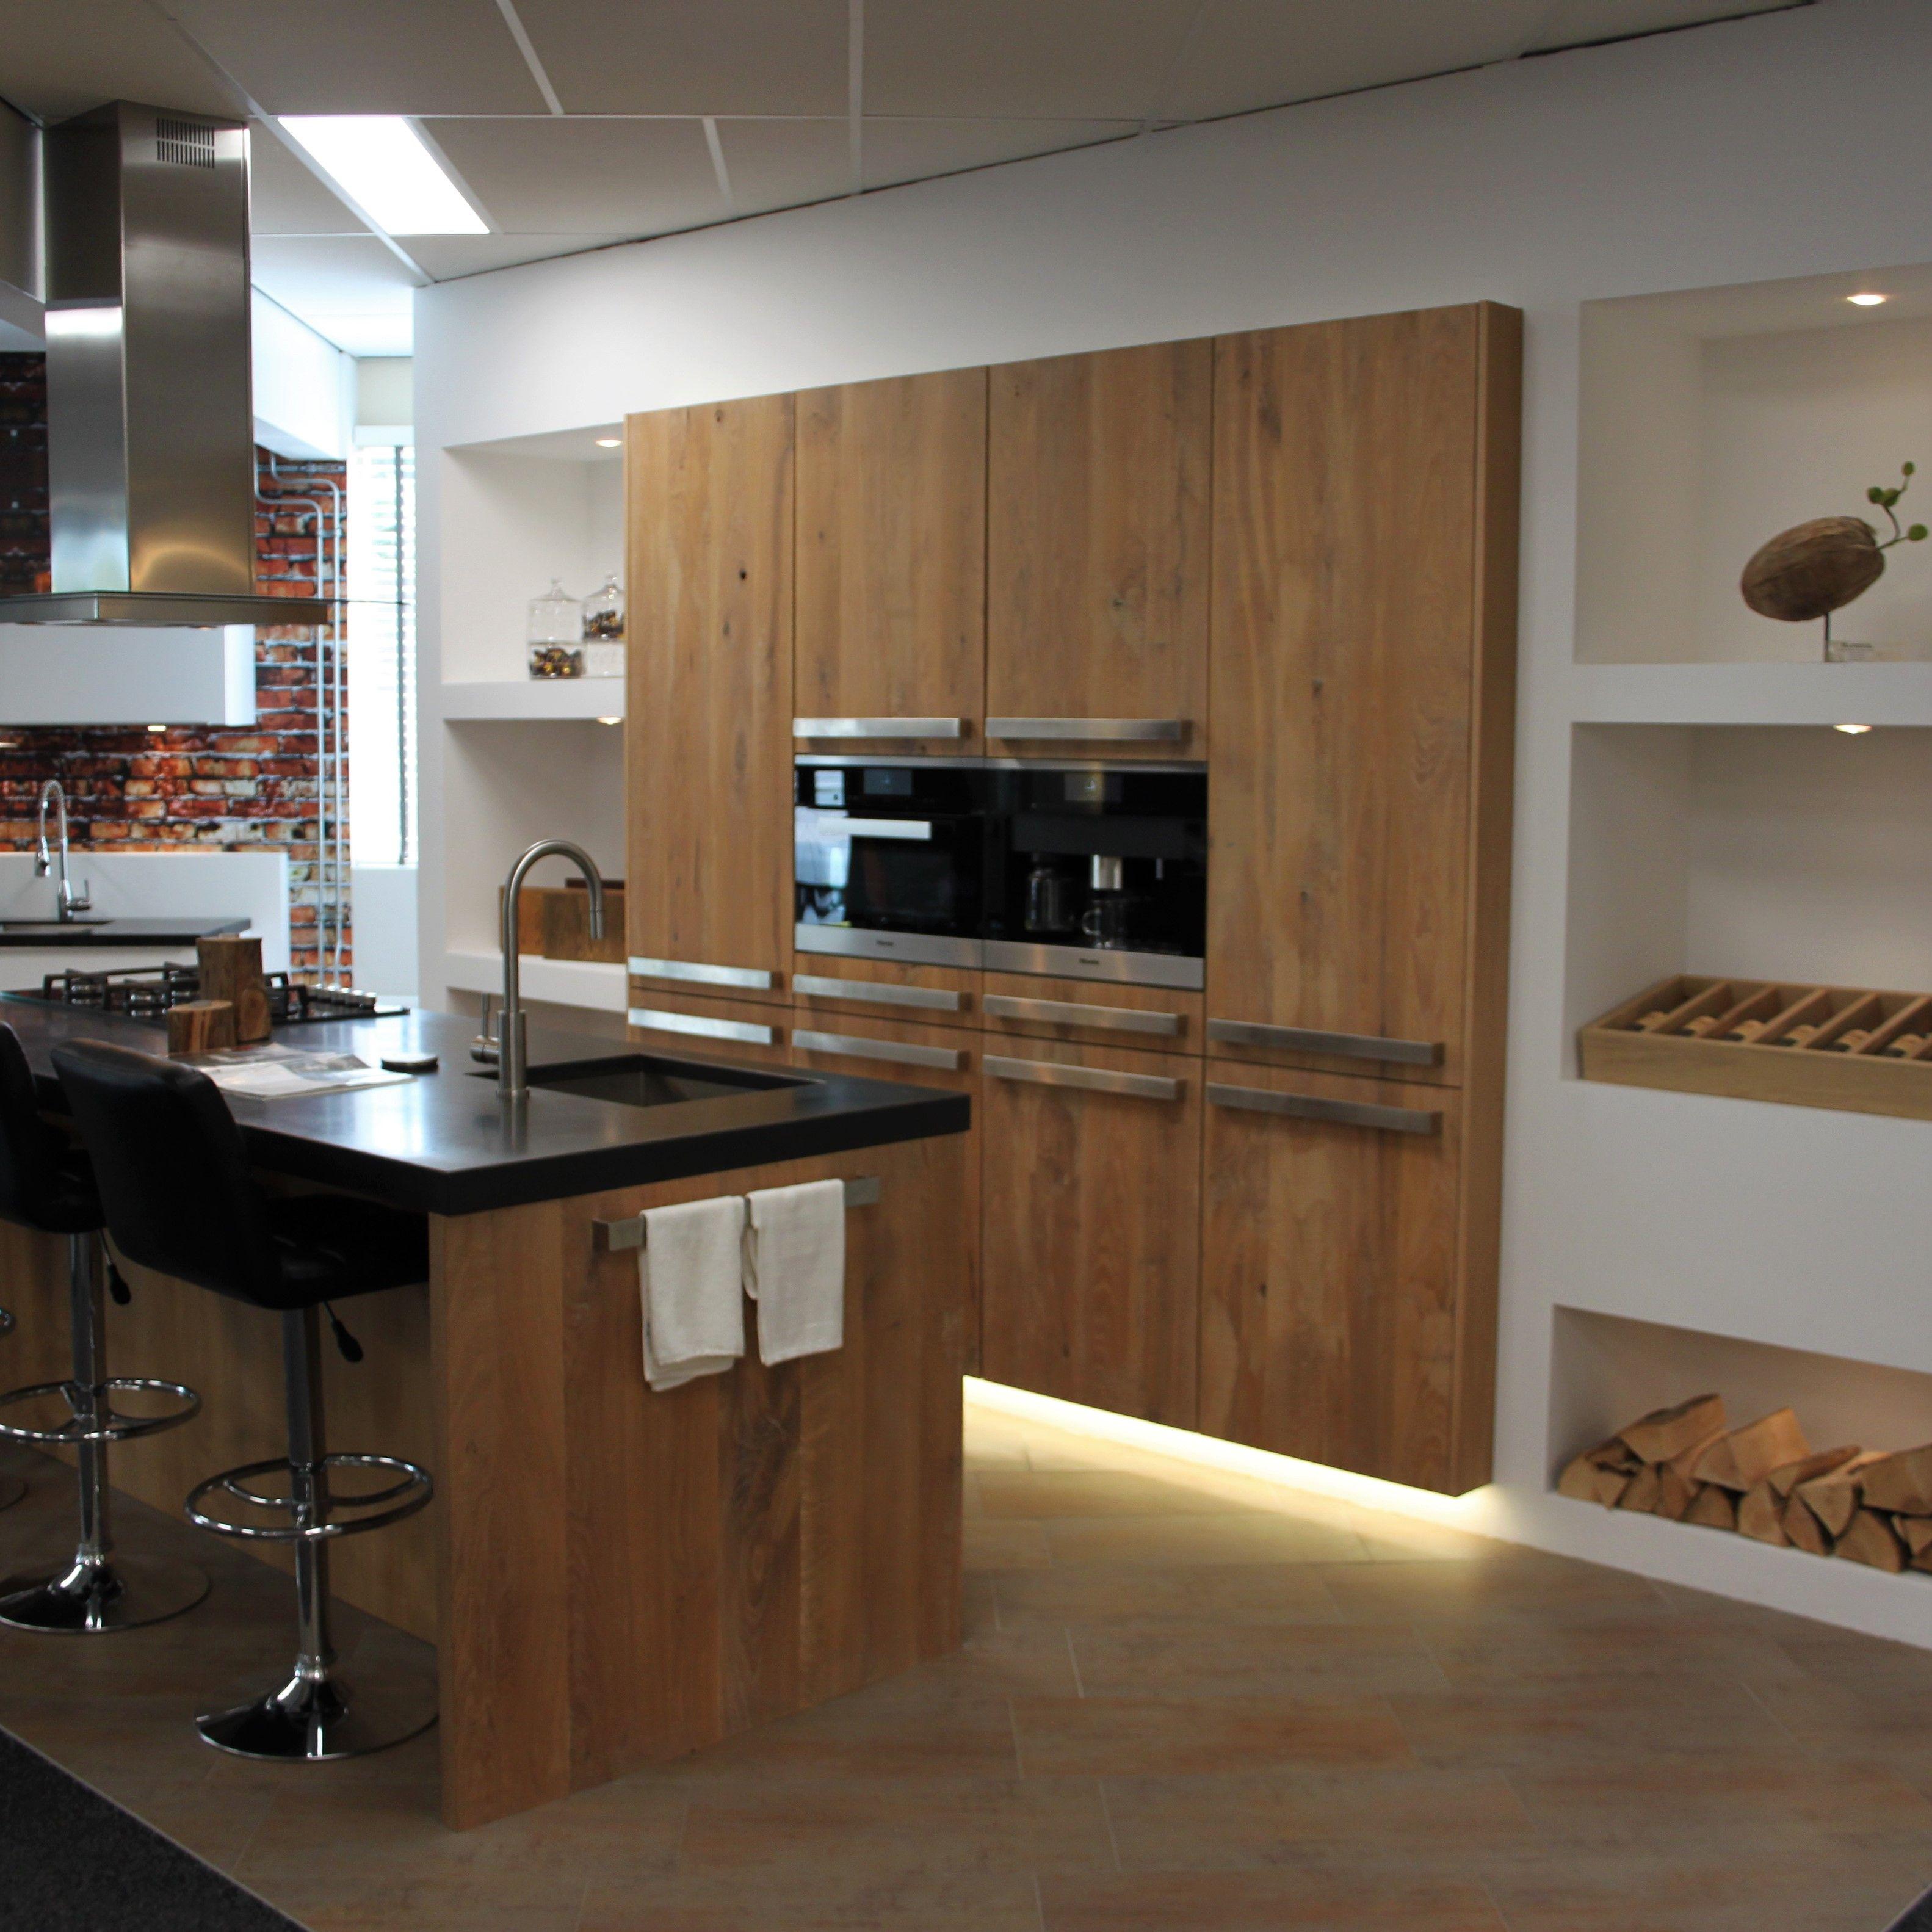 showroom keuken sense keukens betonnen werkblad eikenhout fronten meubelmaker nis wand ingebouwd. Black Bedroom Furniture Sets. Home Design Ideas